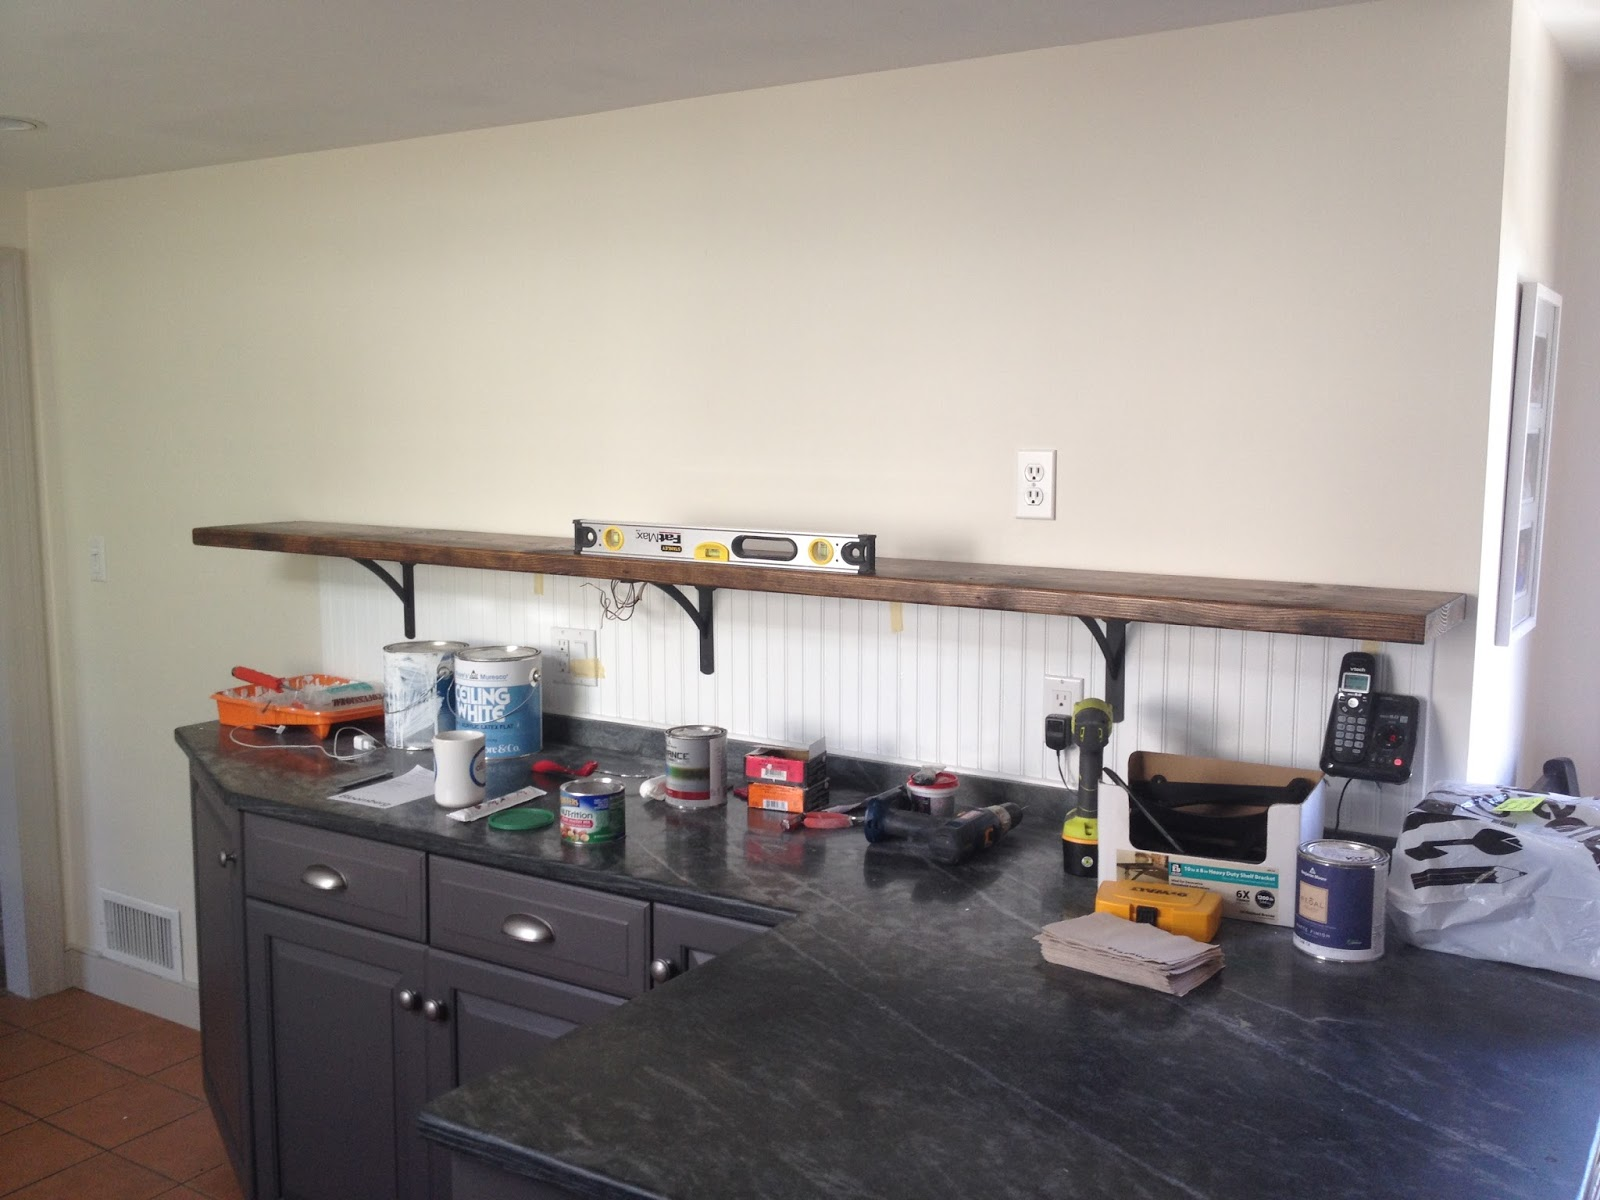 installing first shelf